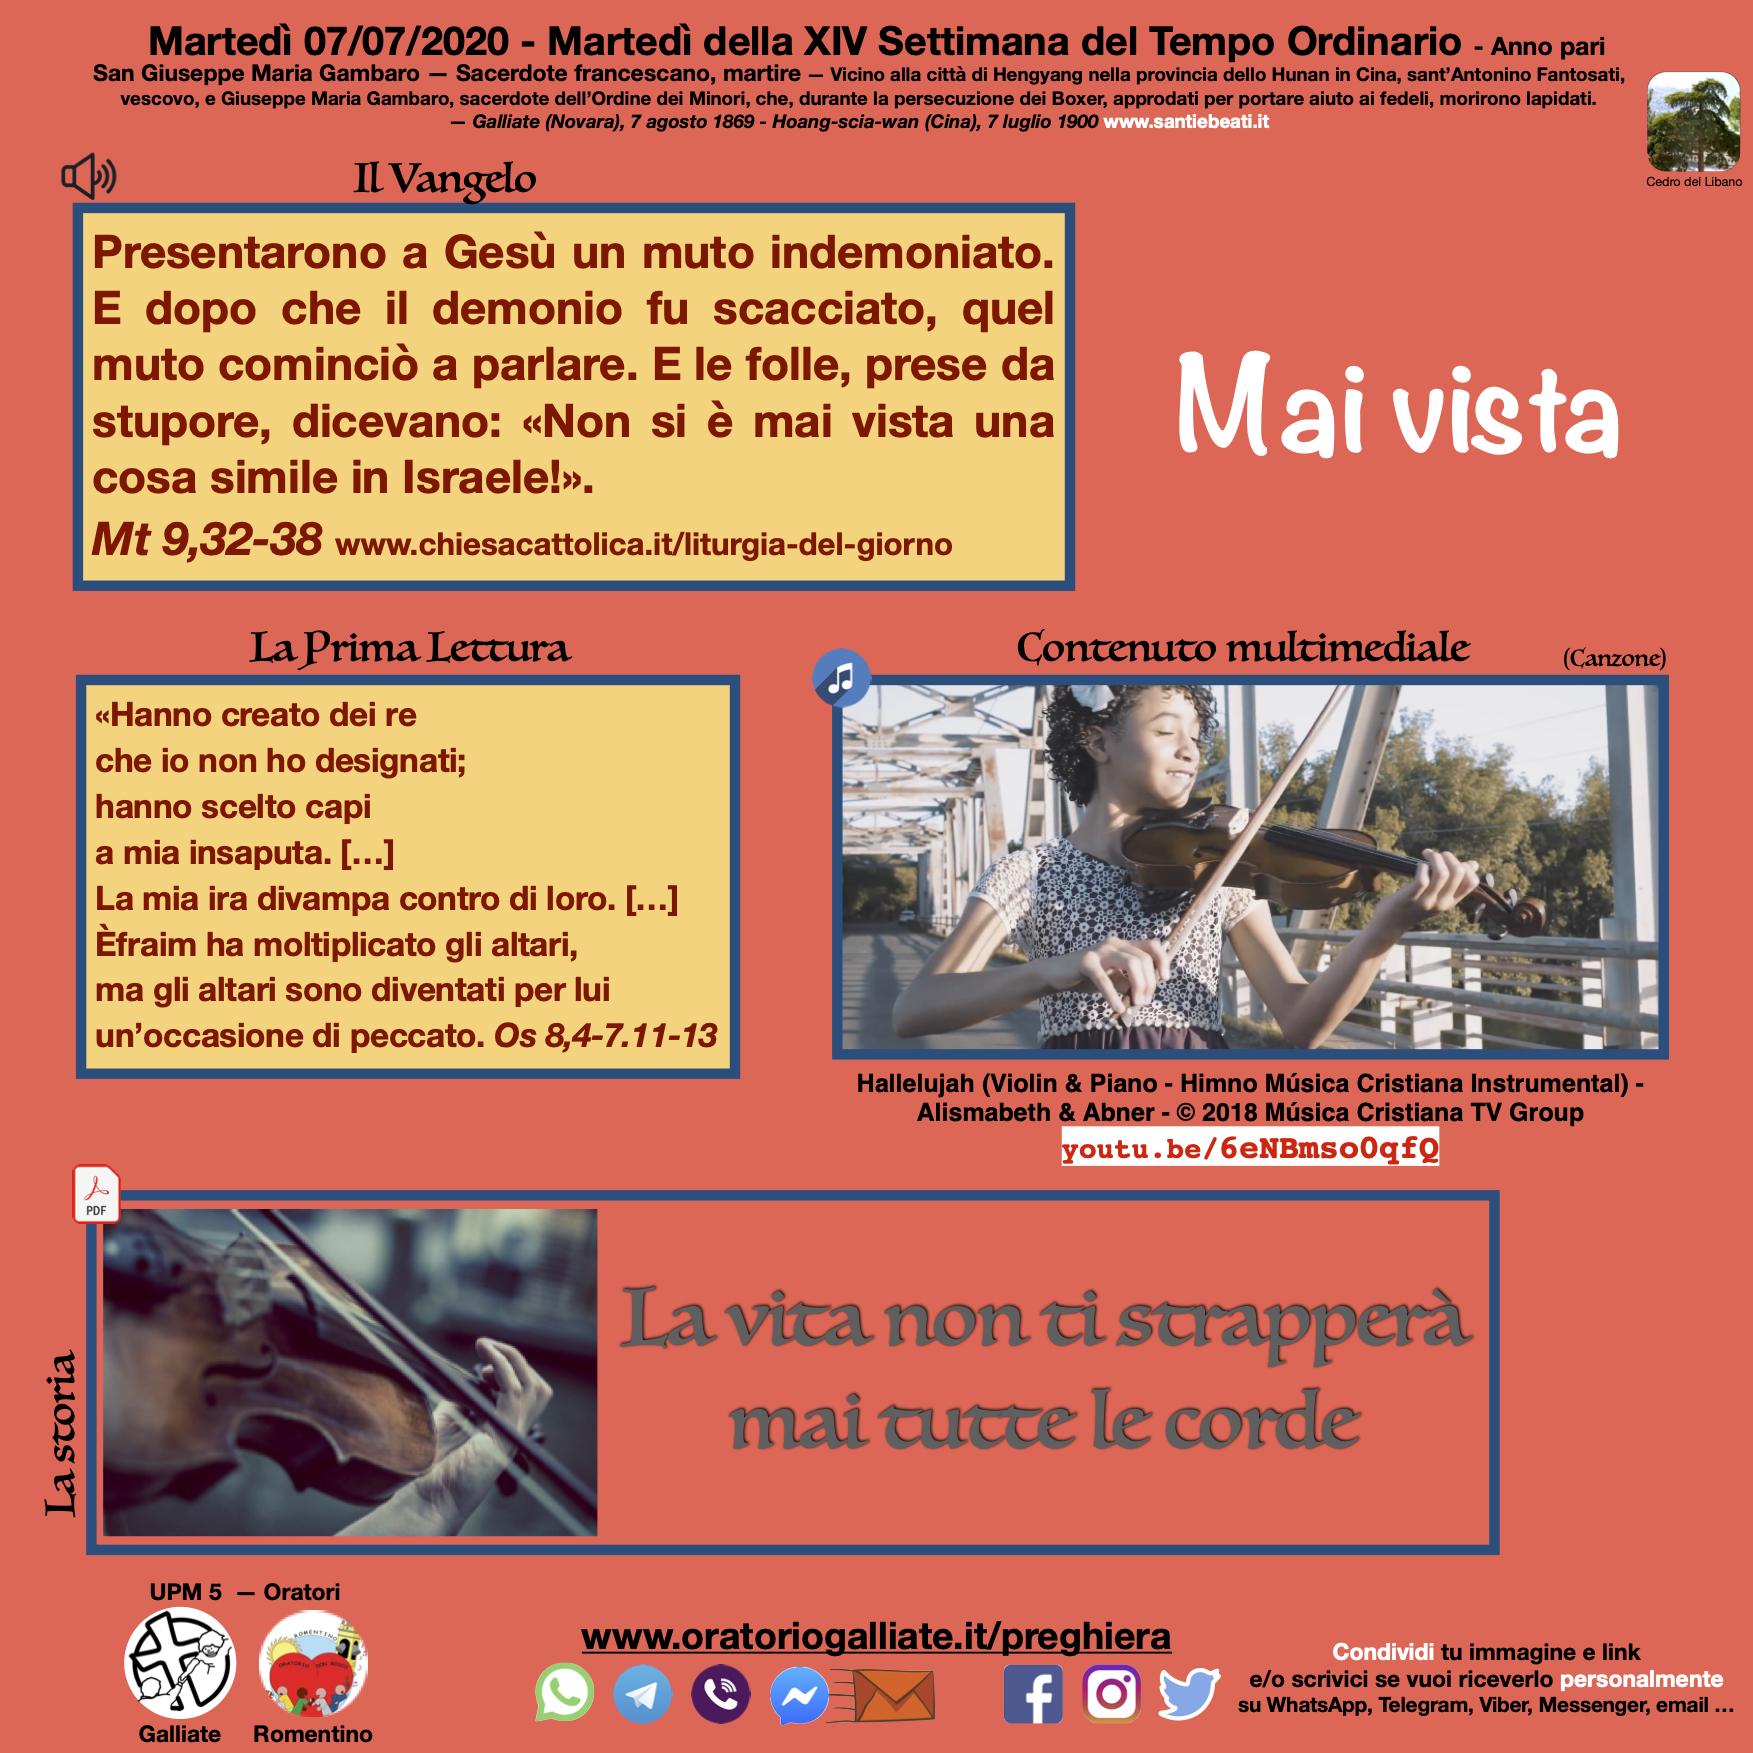 Prg200707-Ordinario